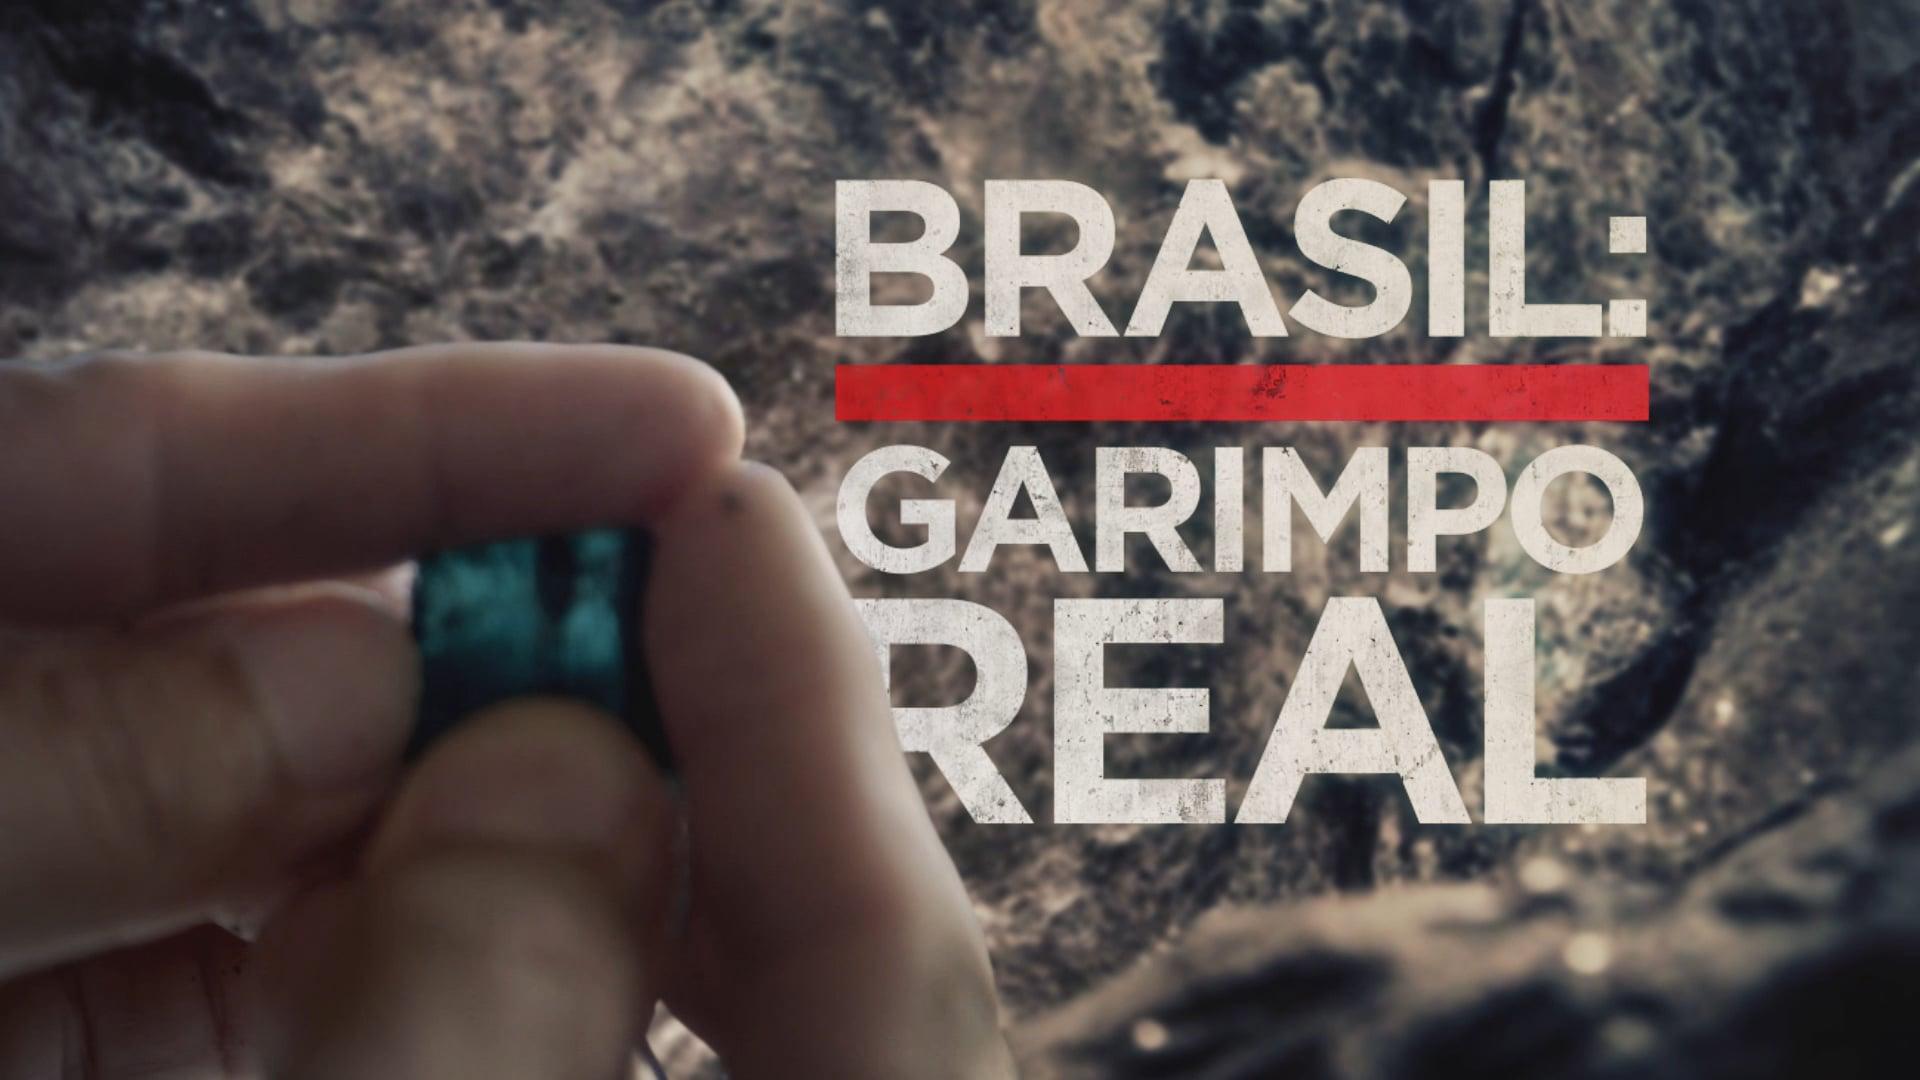 1) GARIMPO REAL